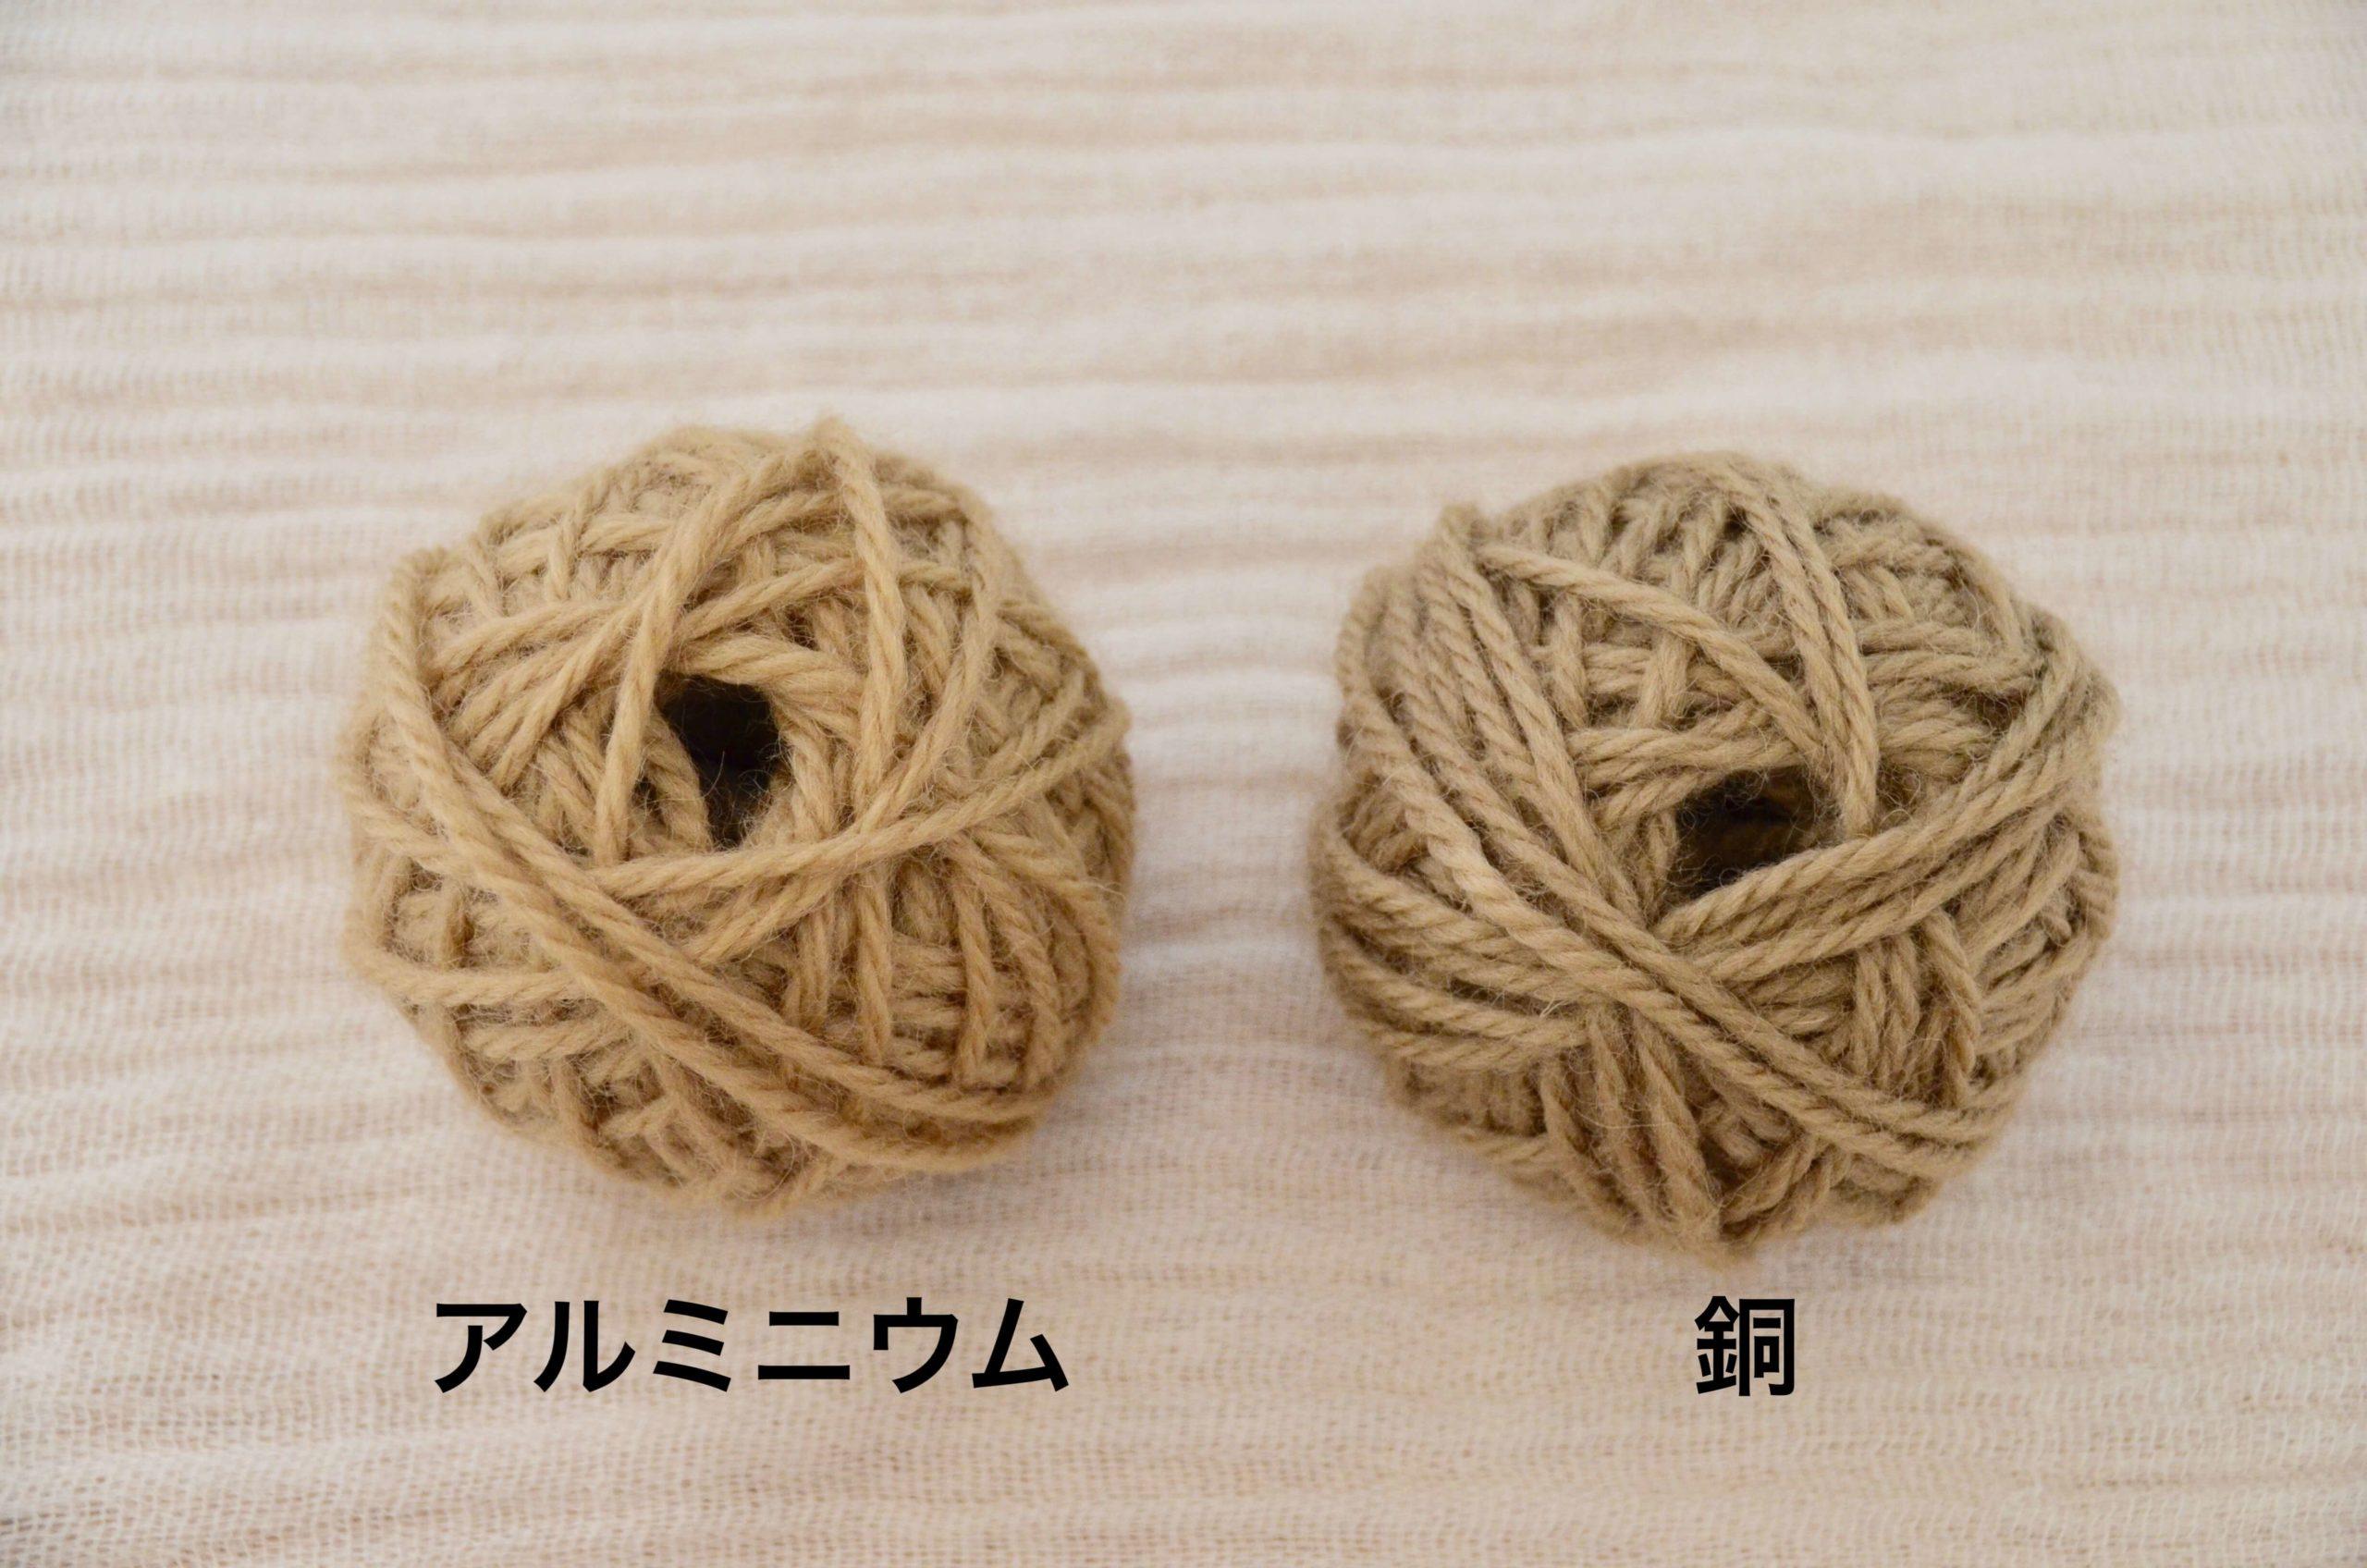 レモンバーベナ染めの毛糸2玉 左がアルミニウム媒染右が銅媒染